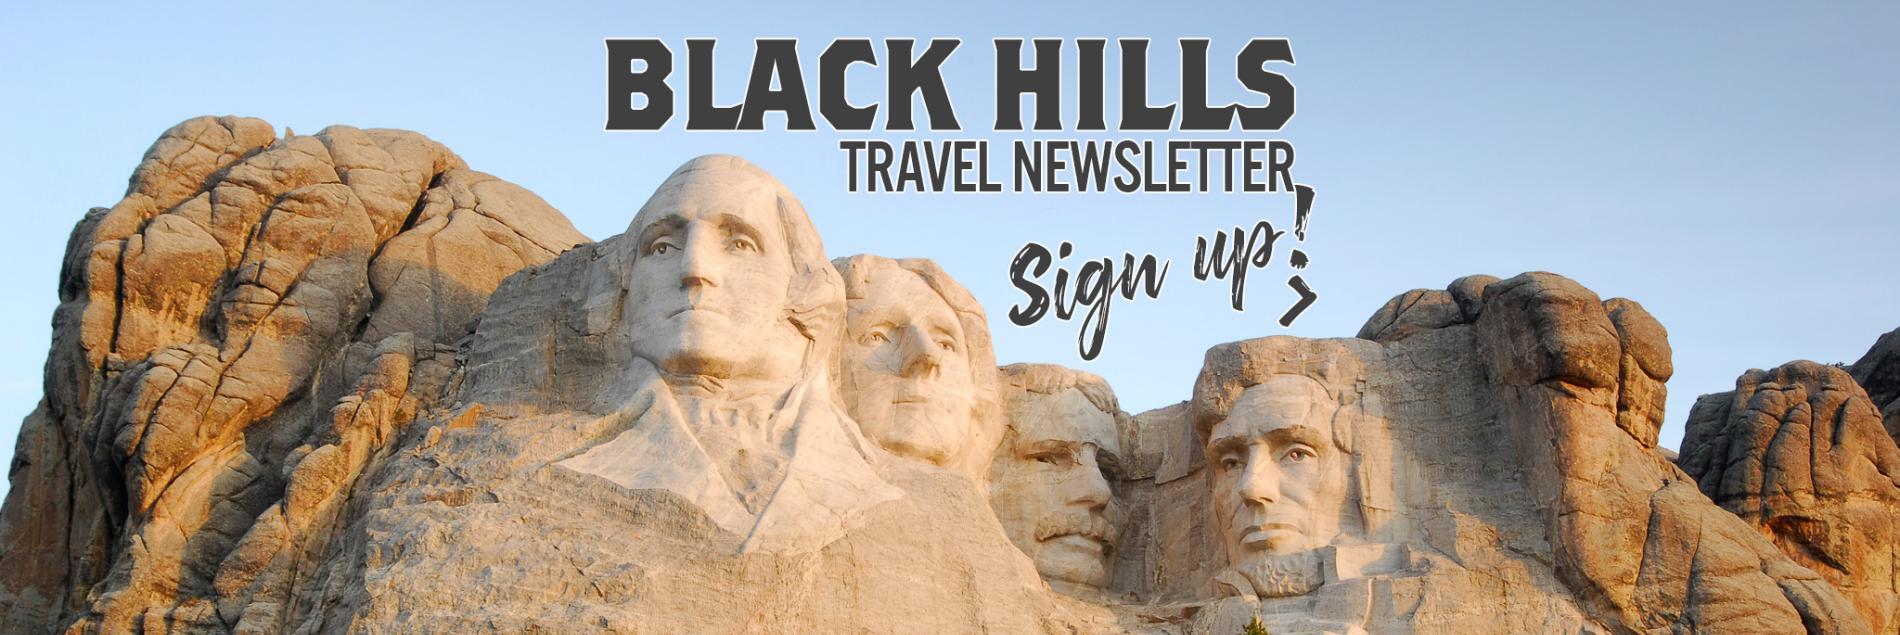 Black Hills Travel Newsletter